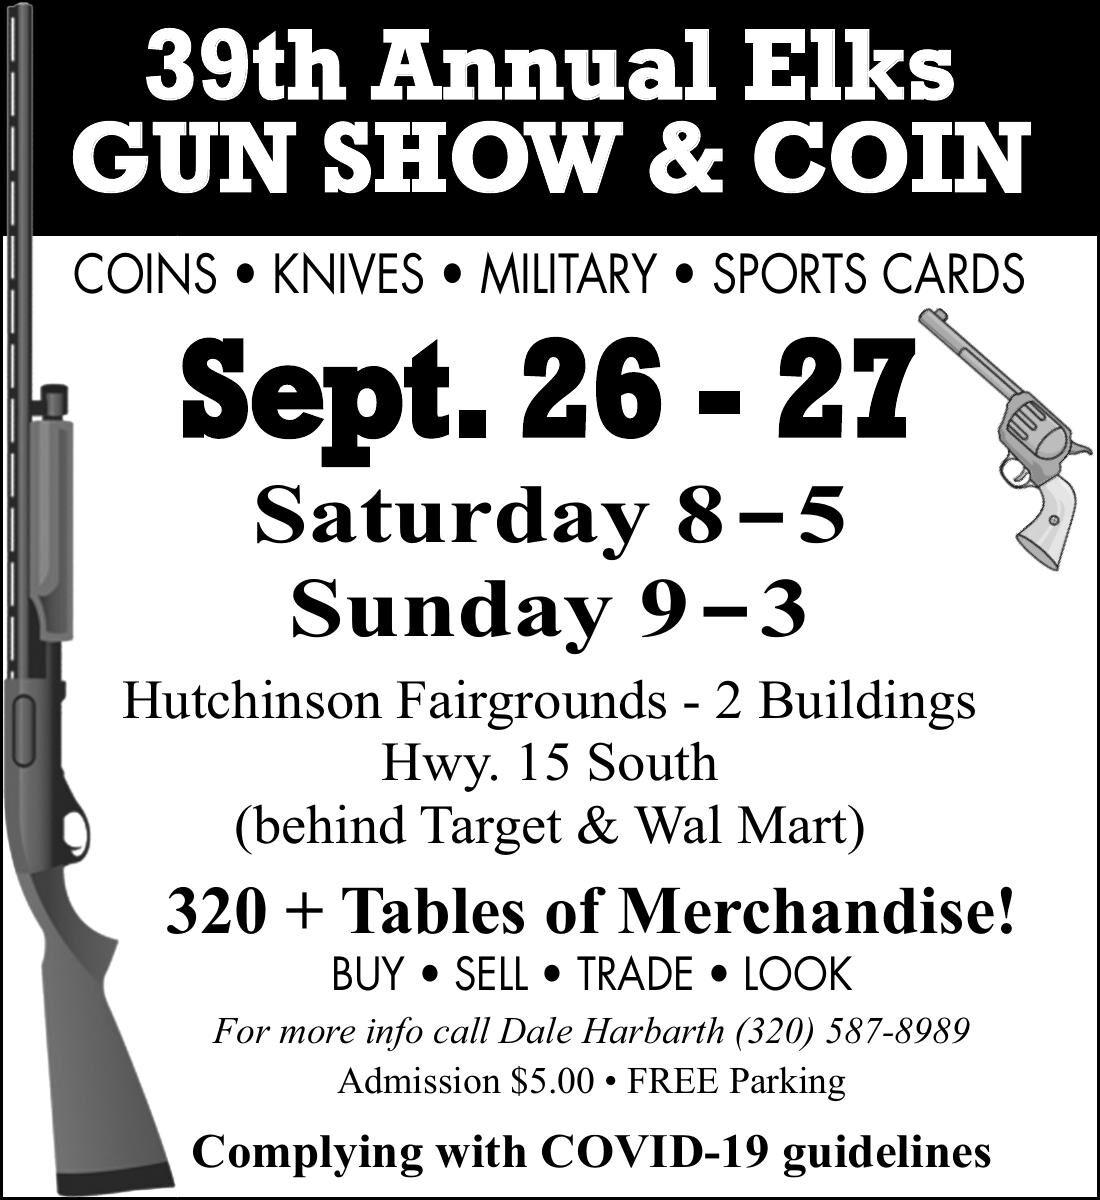 39th Annual Elks GUN SHOW SHO & COIN